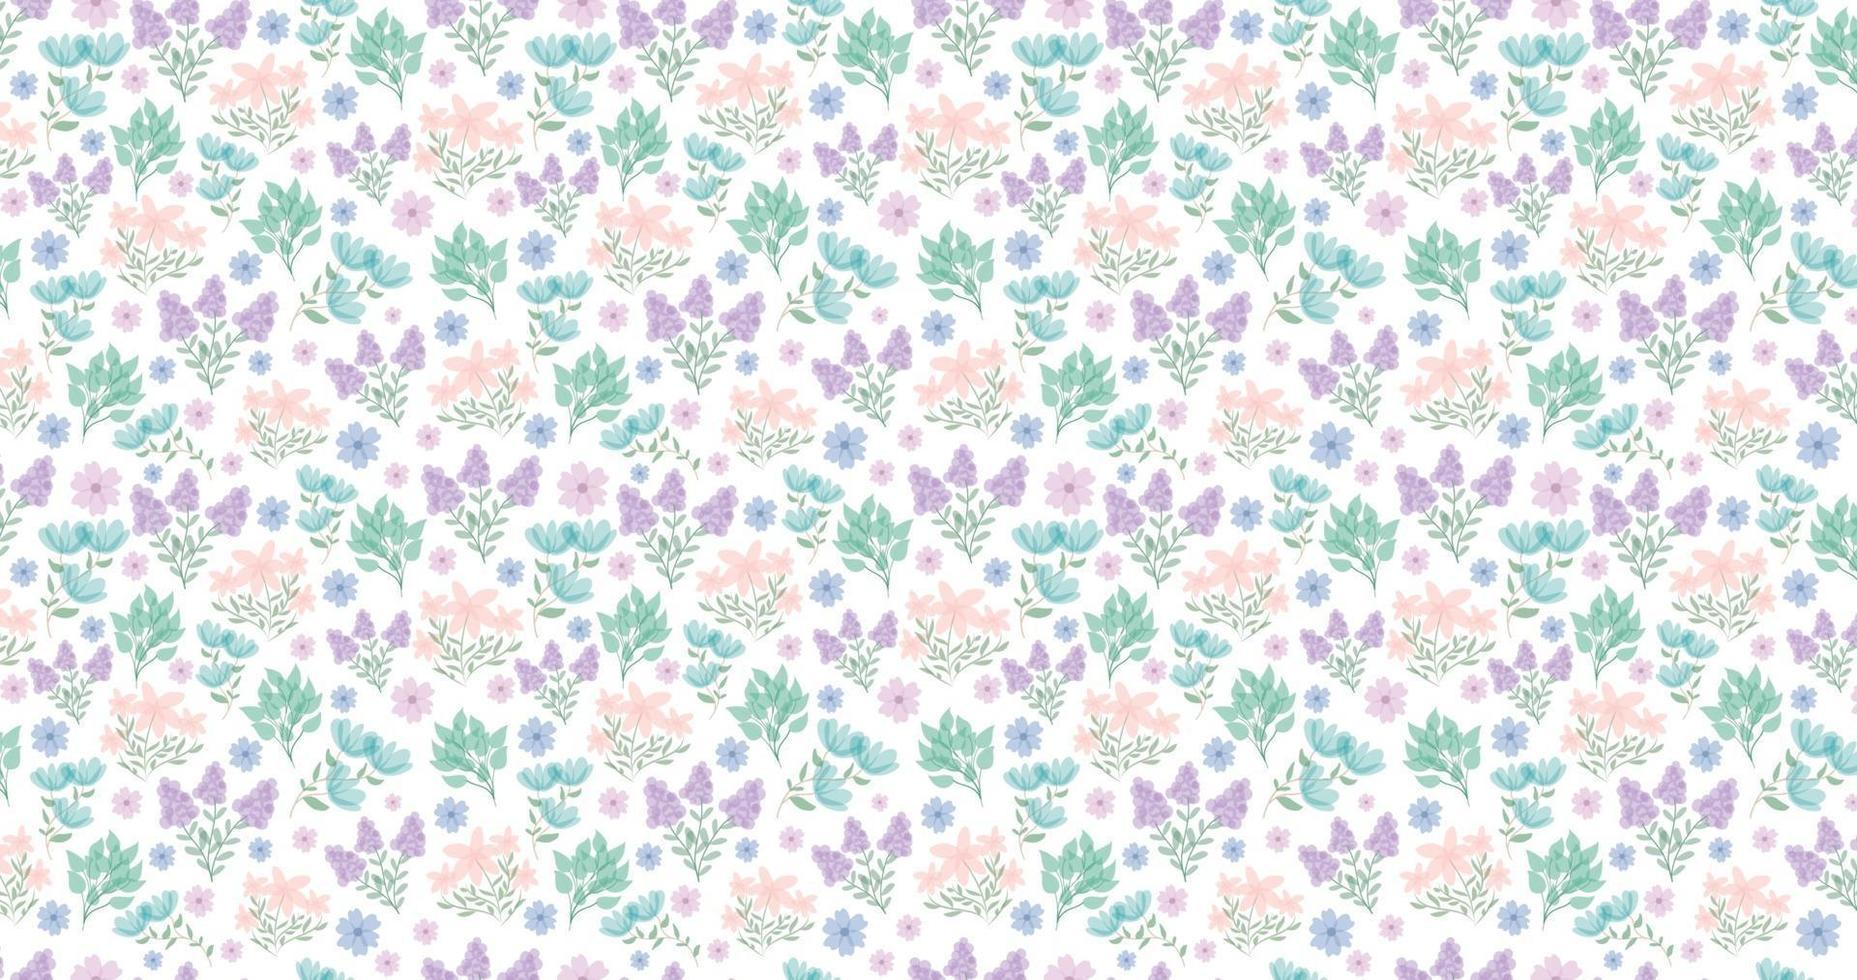 söt blommig bakgrund. ganska små blommor på vit bakgrund. små rosa, lila, blå blommor. vårblommor. sommarblommor. vektor